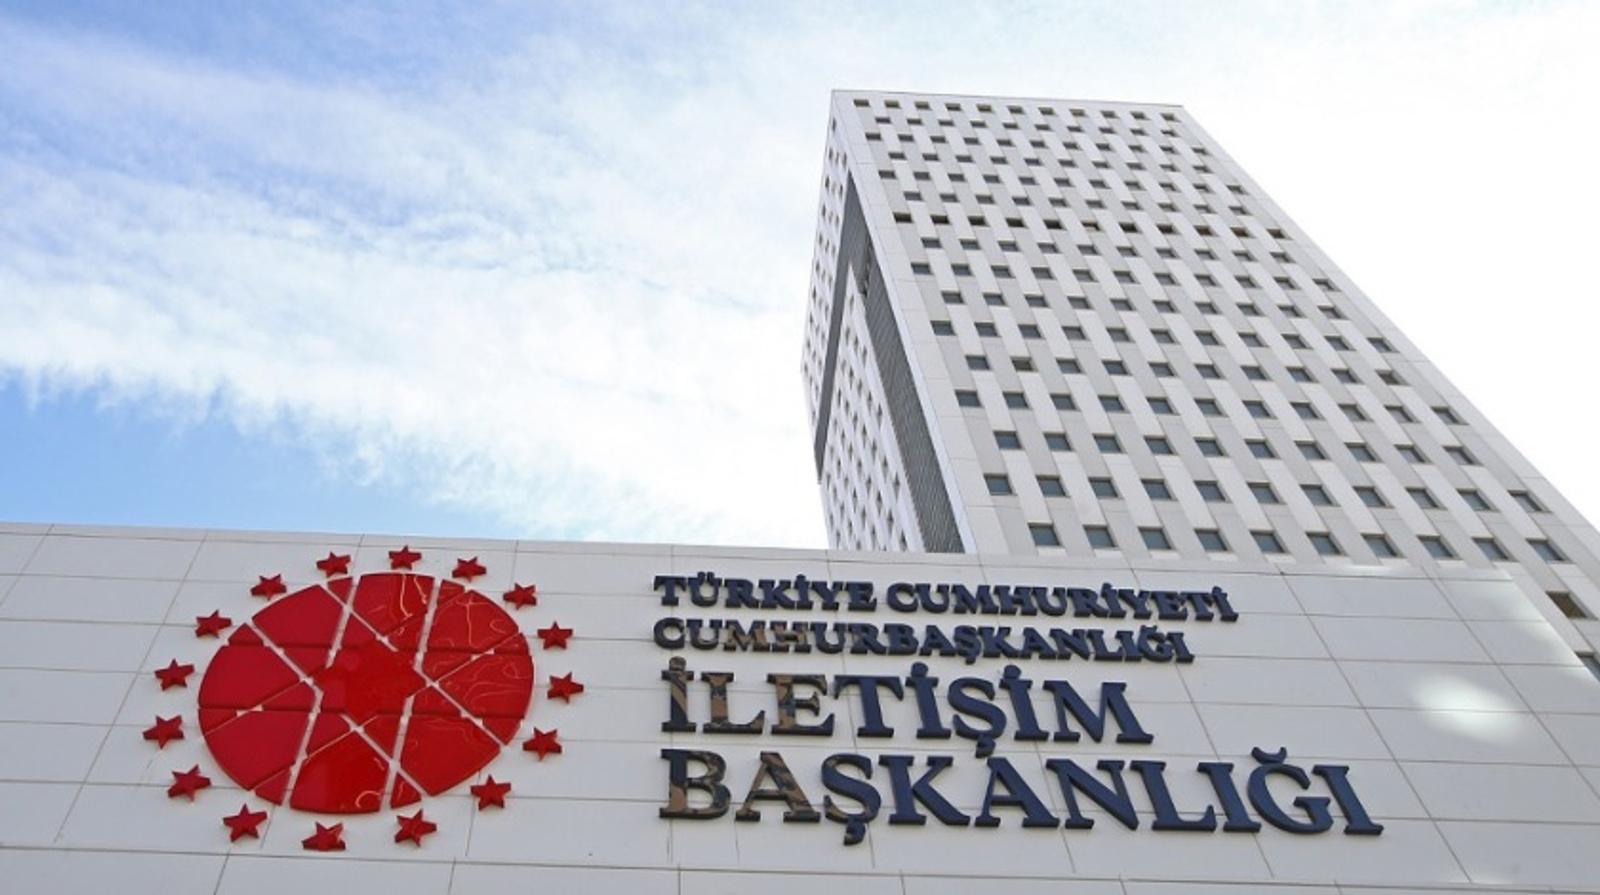 Cumhurbaşkanlığı İletişim Başkanlığından Türkiye'nin İstanbul Sözleşmesi'nden çekilmesine ilişkin açıklama